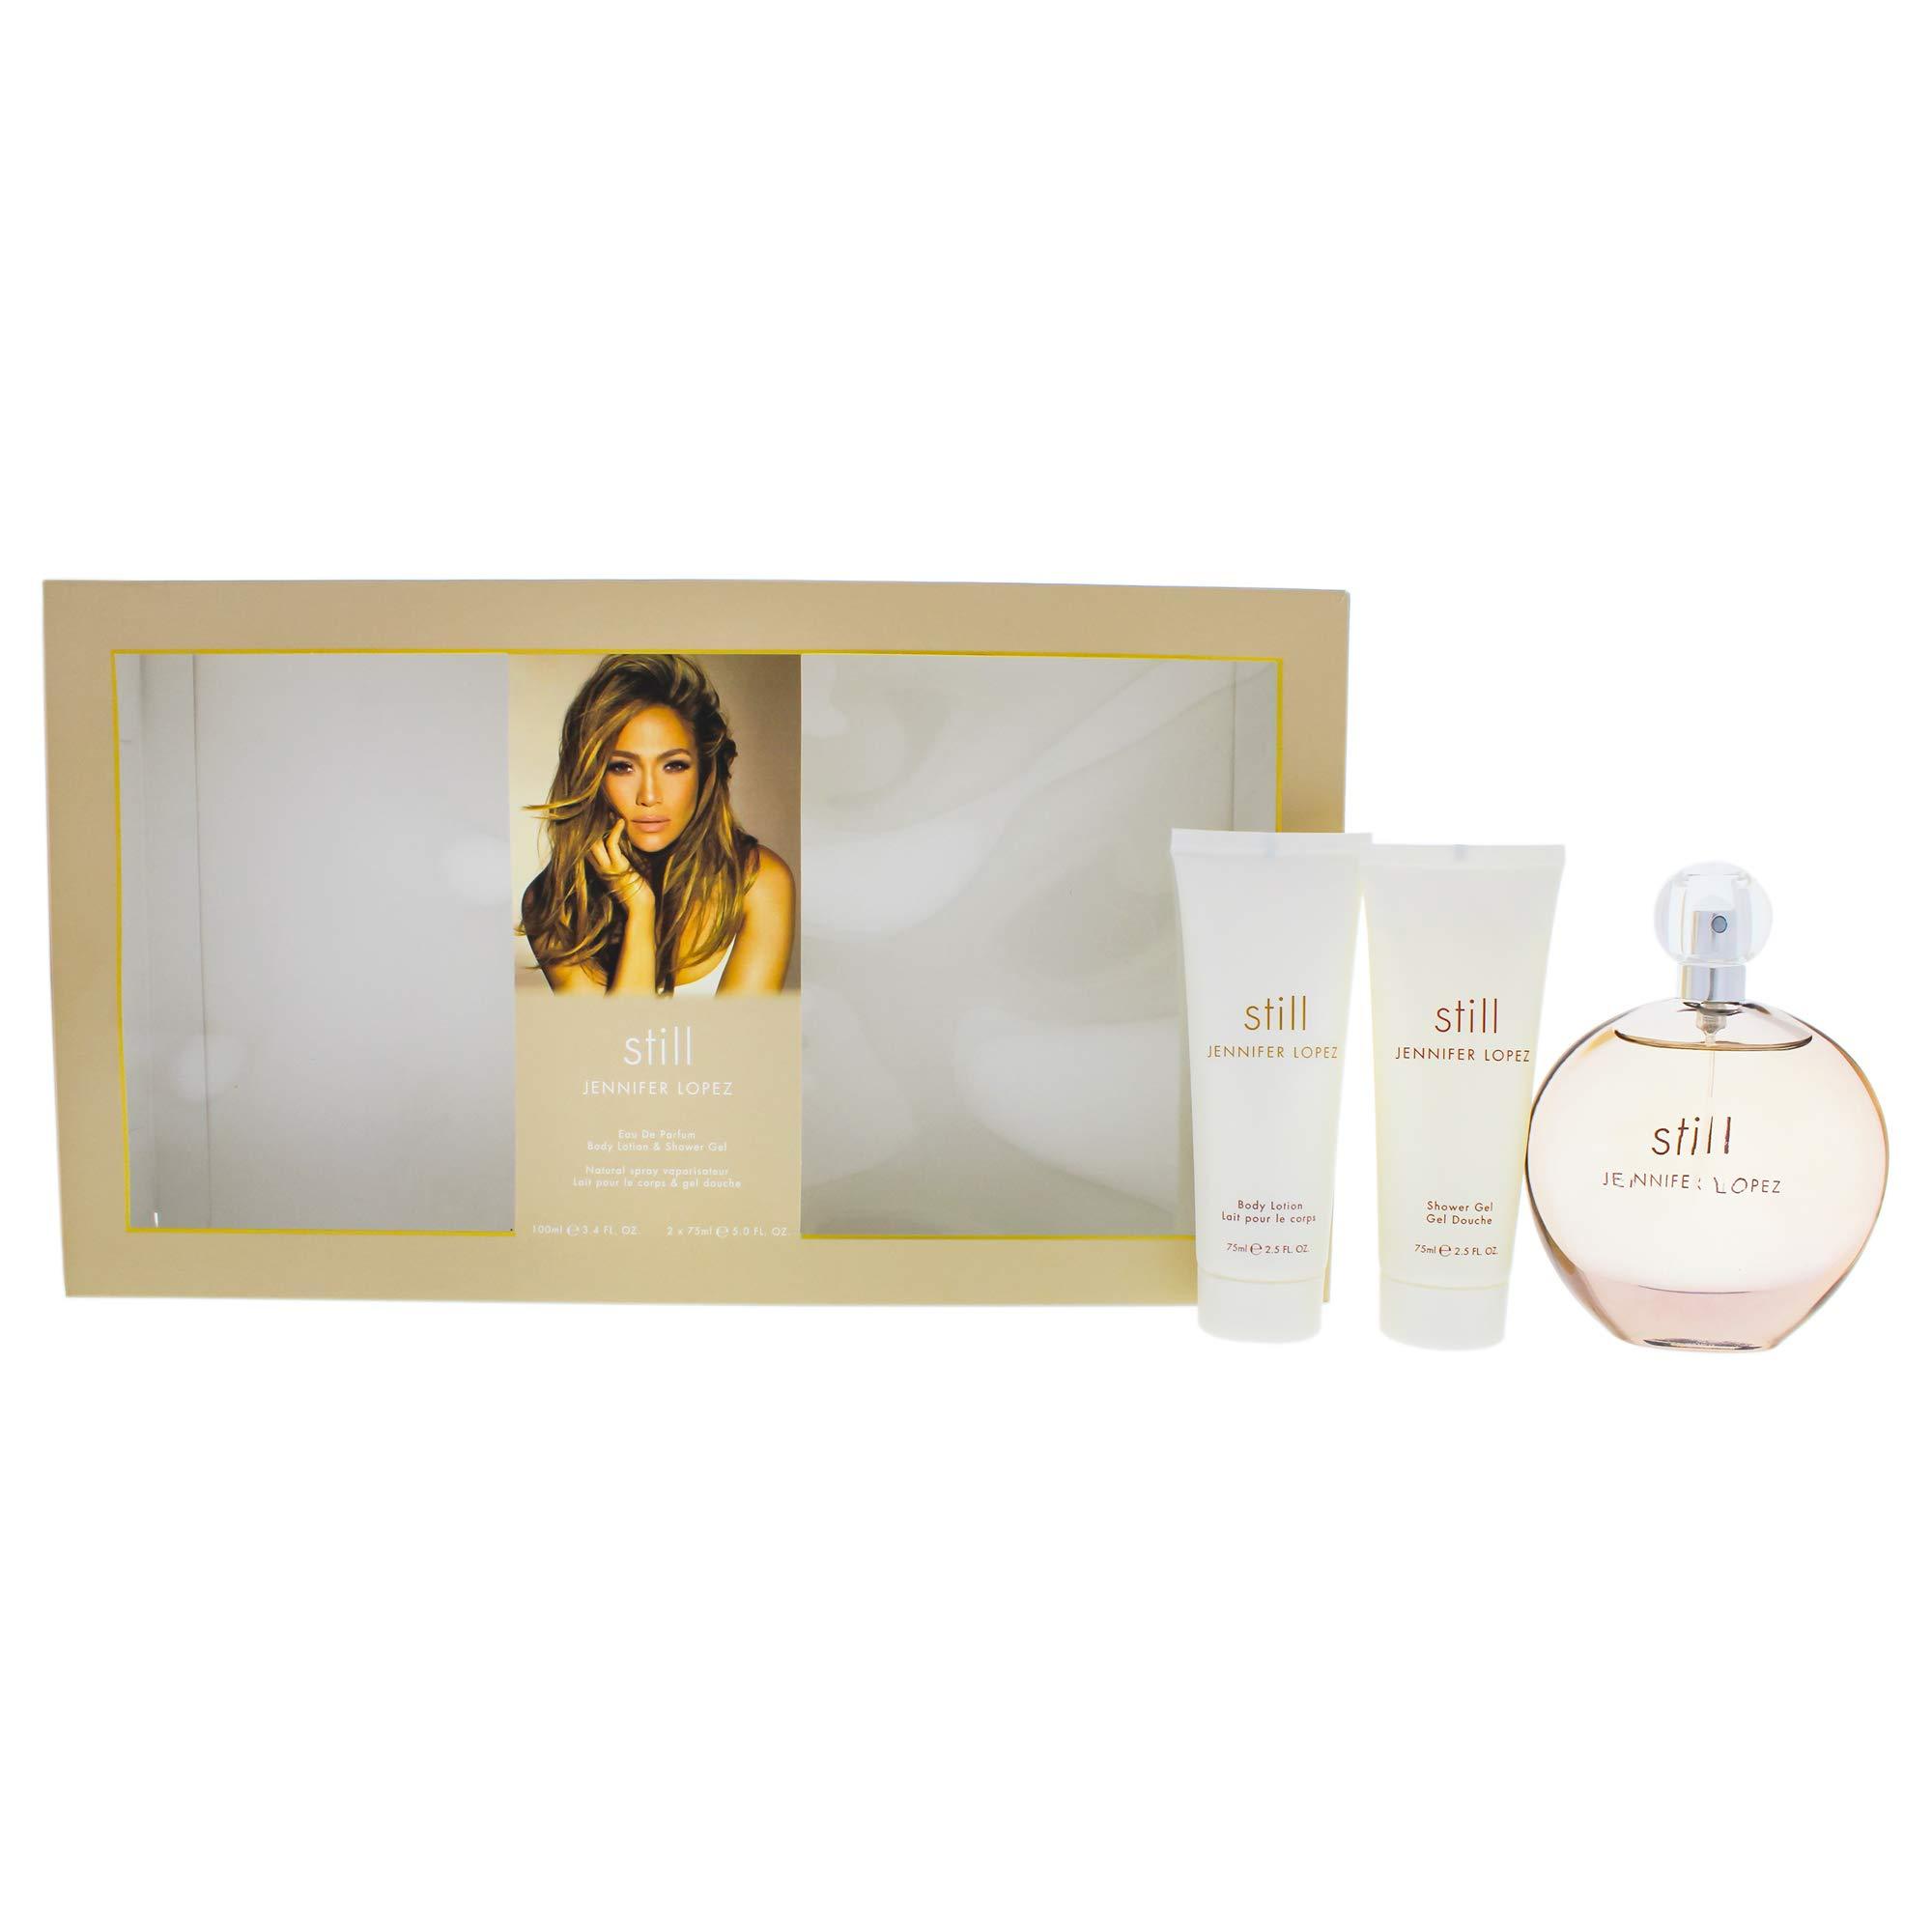 Jennifer Lopez Still By Jennifer Lopez for Women - 3 Pc Gift Set 3.4oz Edp Spray, 2.5oz Body Lotion, 2.5oz Shower Gel, 3count by Jennifer Lopez